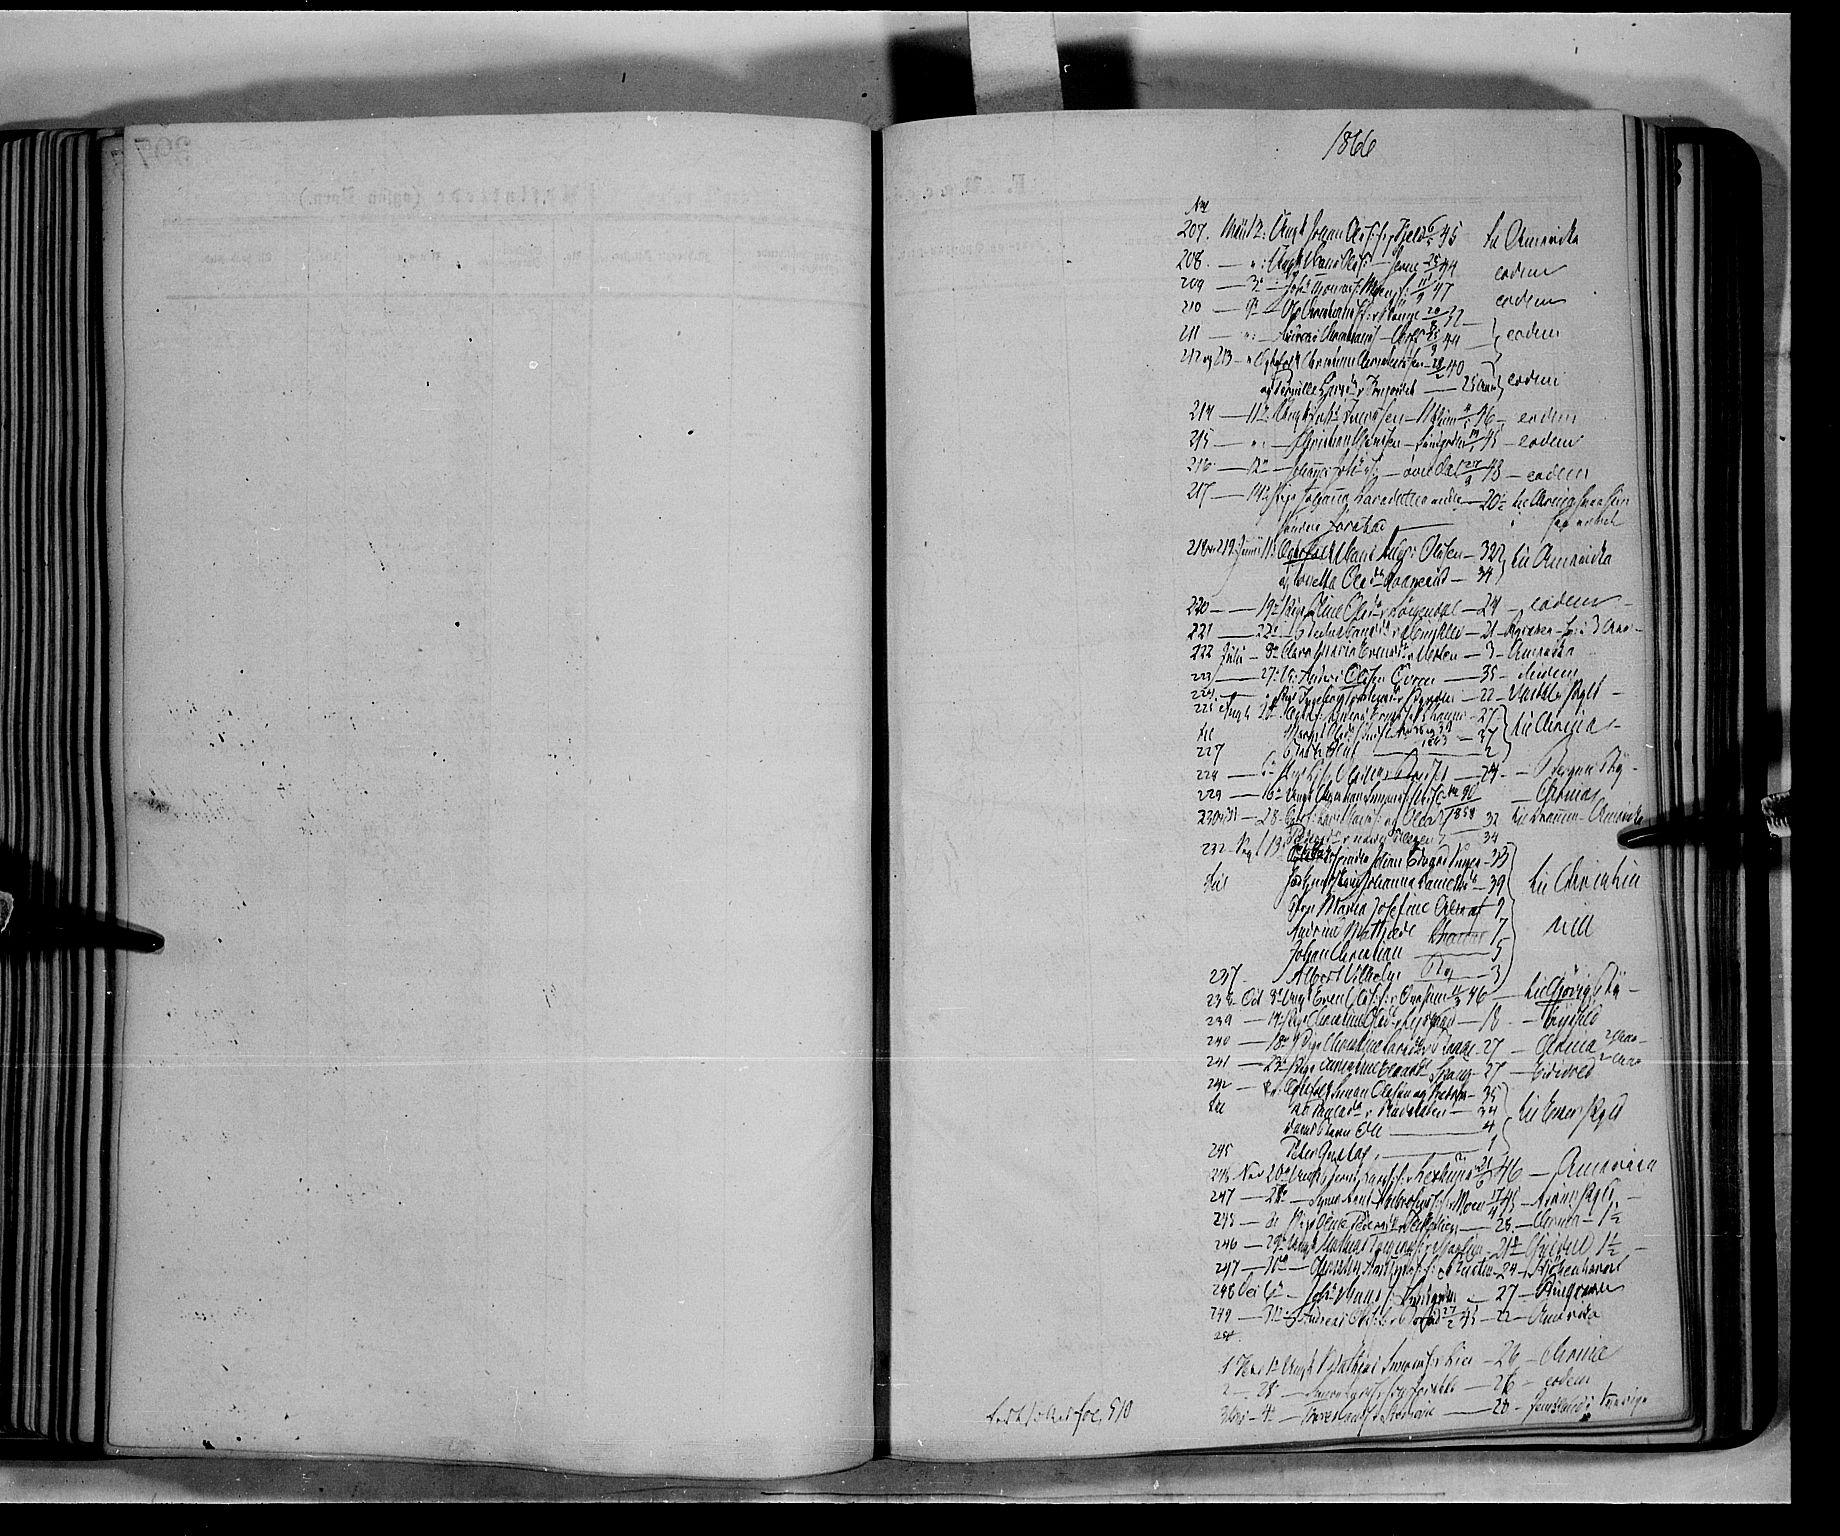 SAH, Fåberg prestekontor, Parish register (official) no. 6B, 1855-1867, p. 397b